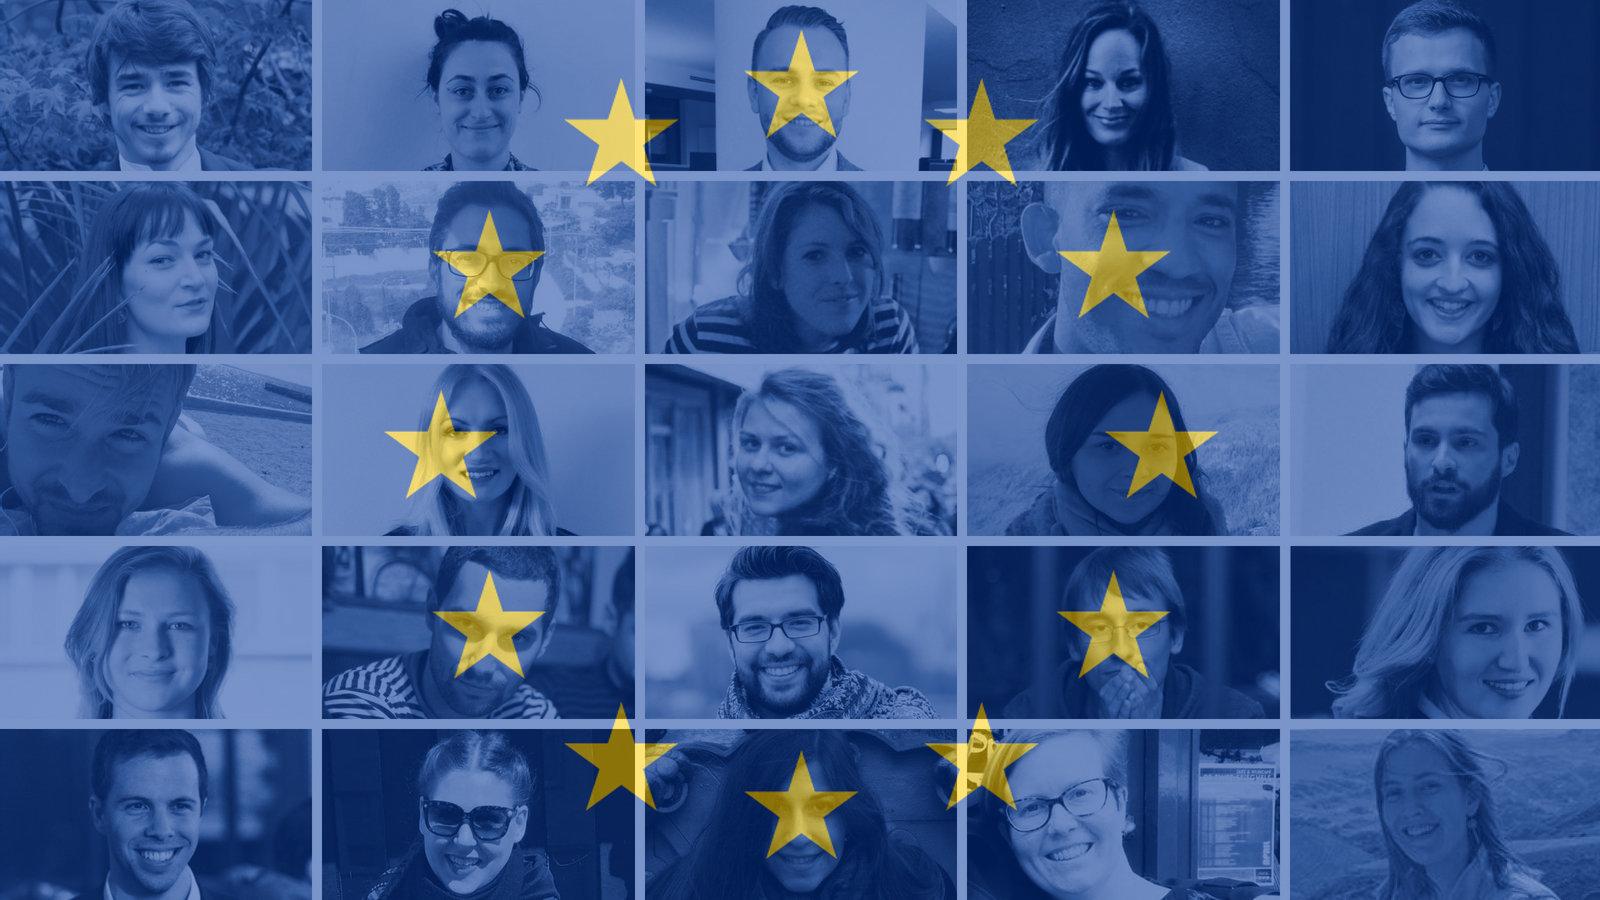 28 junge Europäer aus allen EU-Staaten haben eine Botschaft an ihre